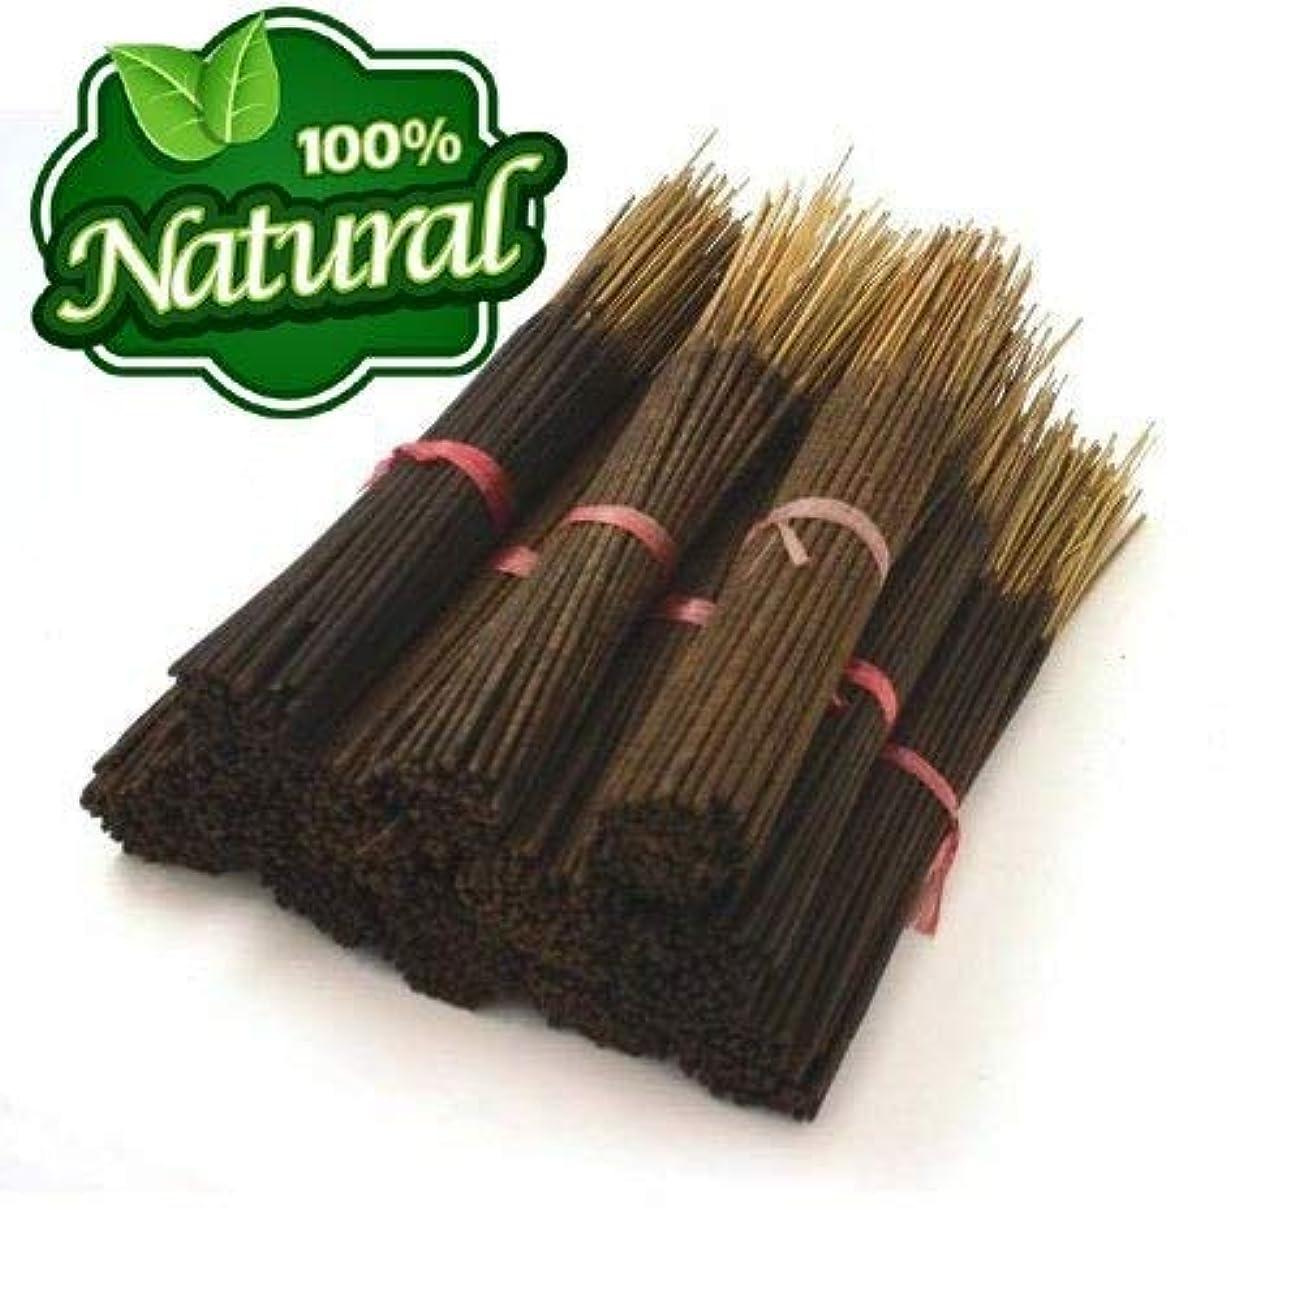 受け皿スリラー科学的Bless-Frankincense-and-Myrrh 100%-natural-incense-sticks Handmade-hand-dipped The-best-woods-scent-500-Pack-(100x5)